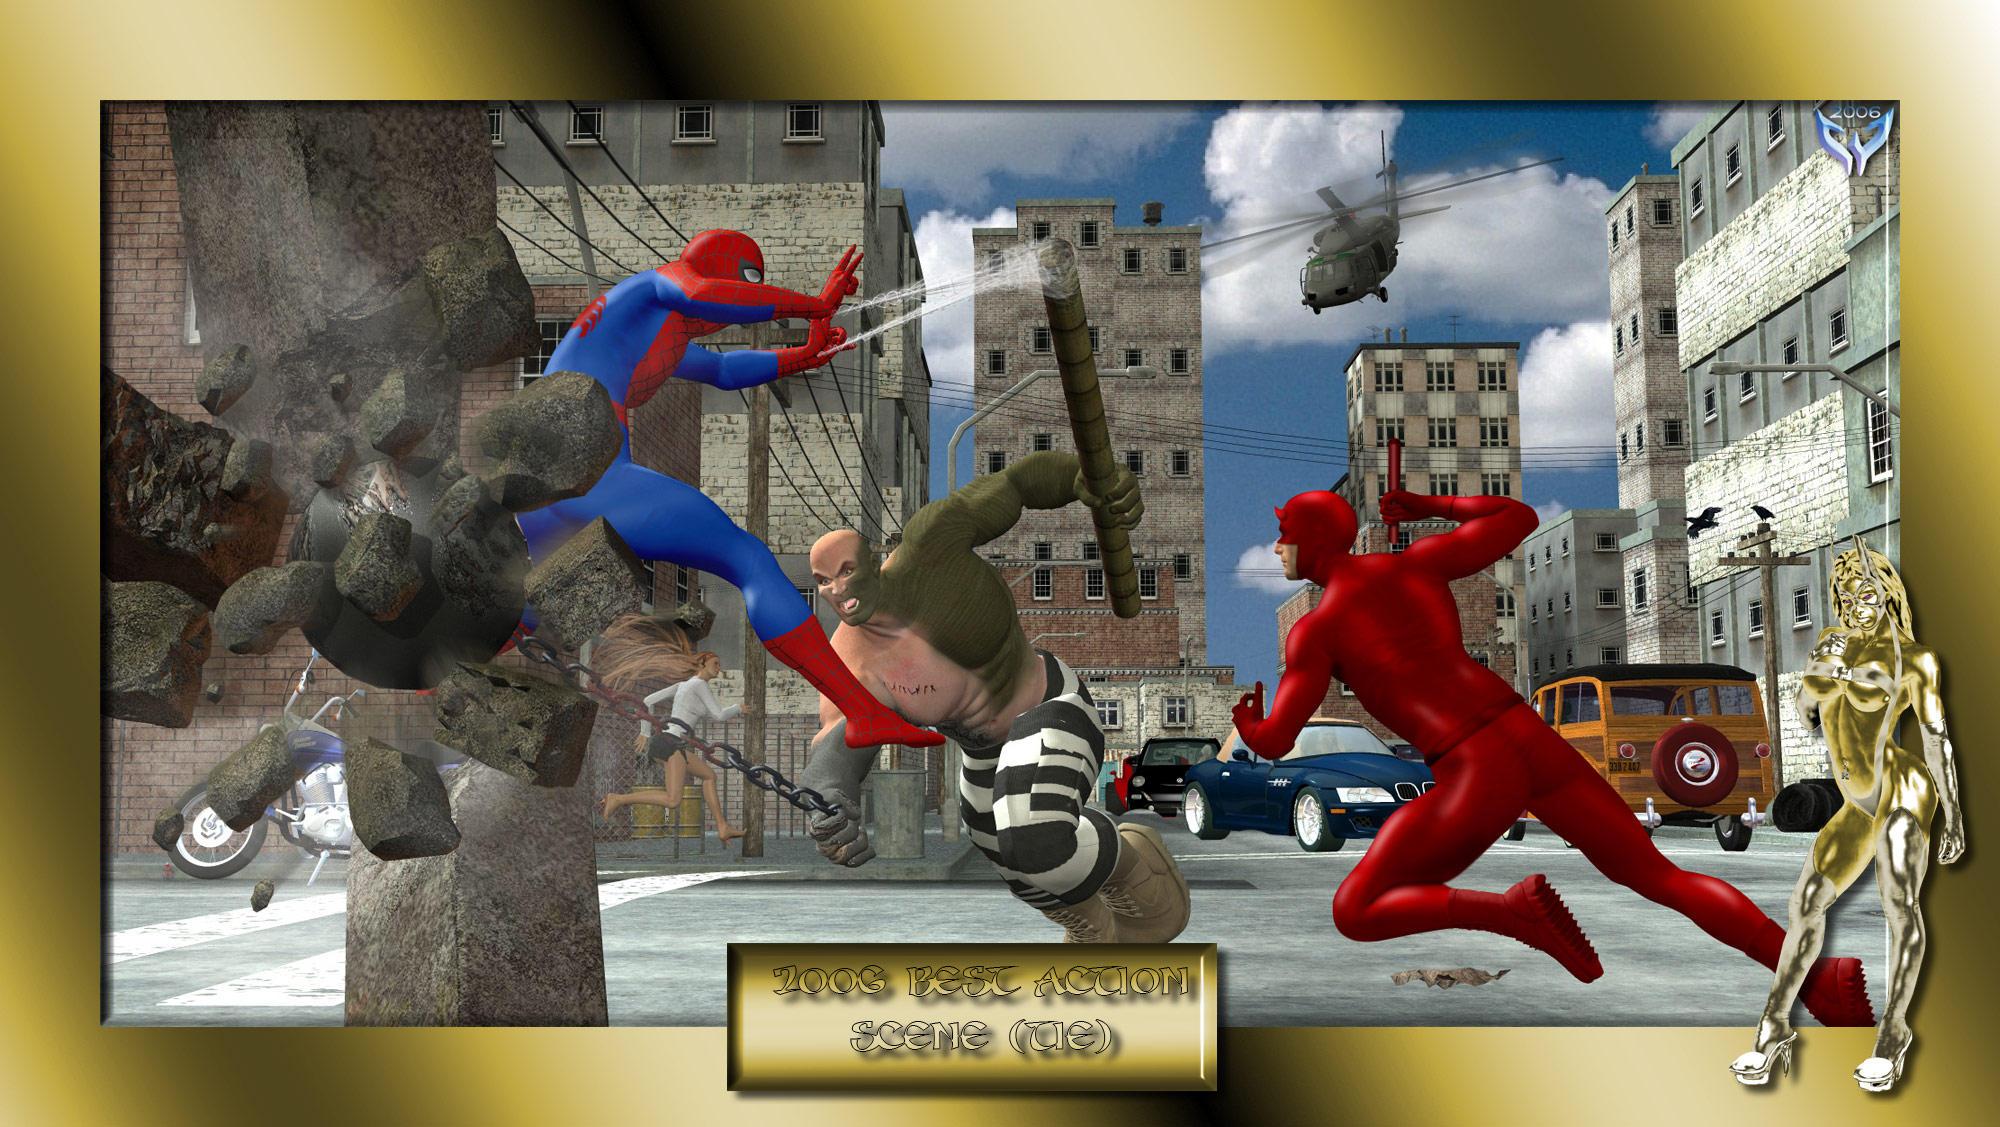 2006 Best Action Scene (tie)